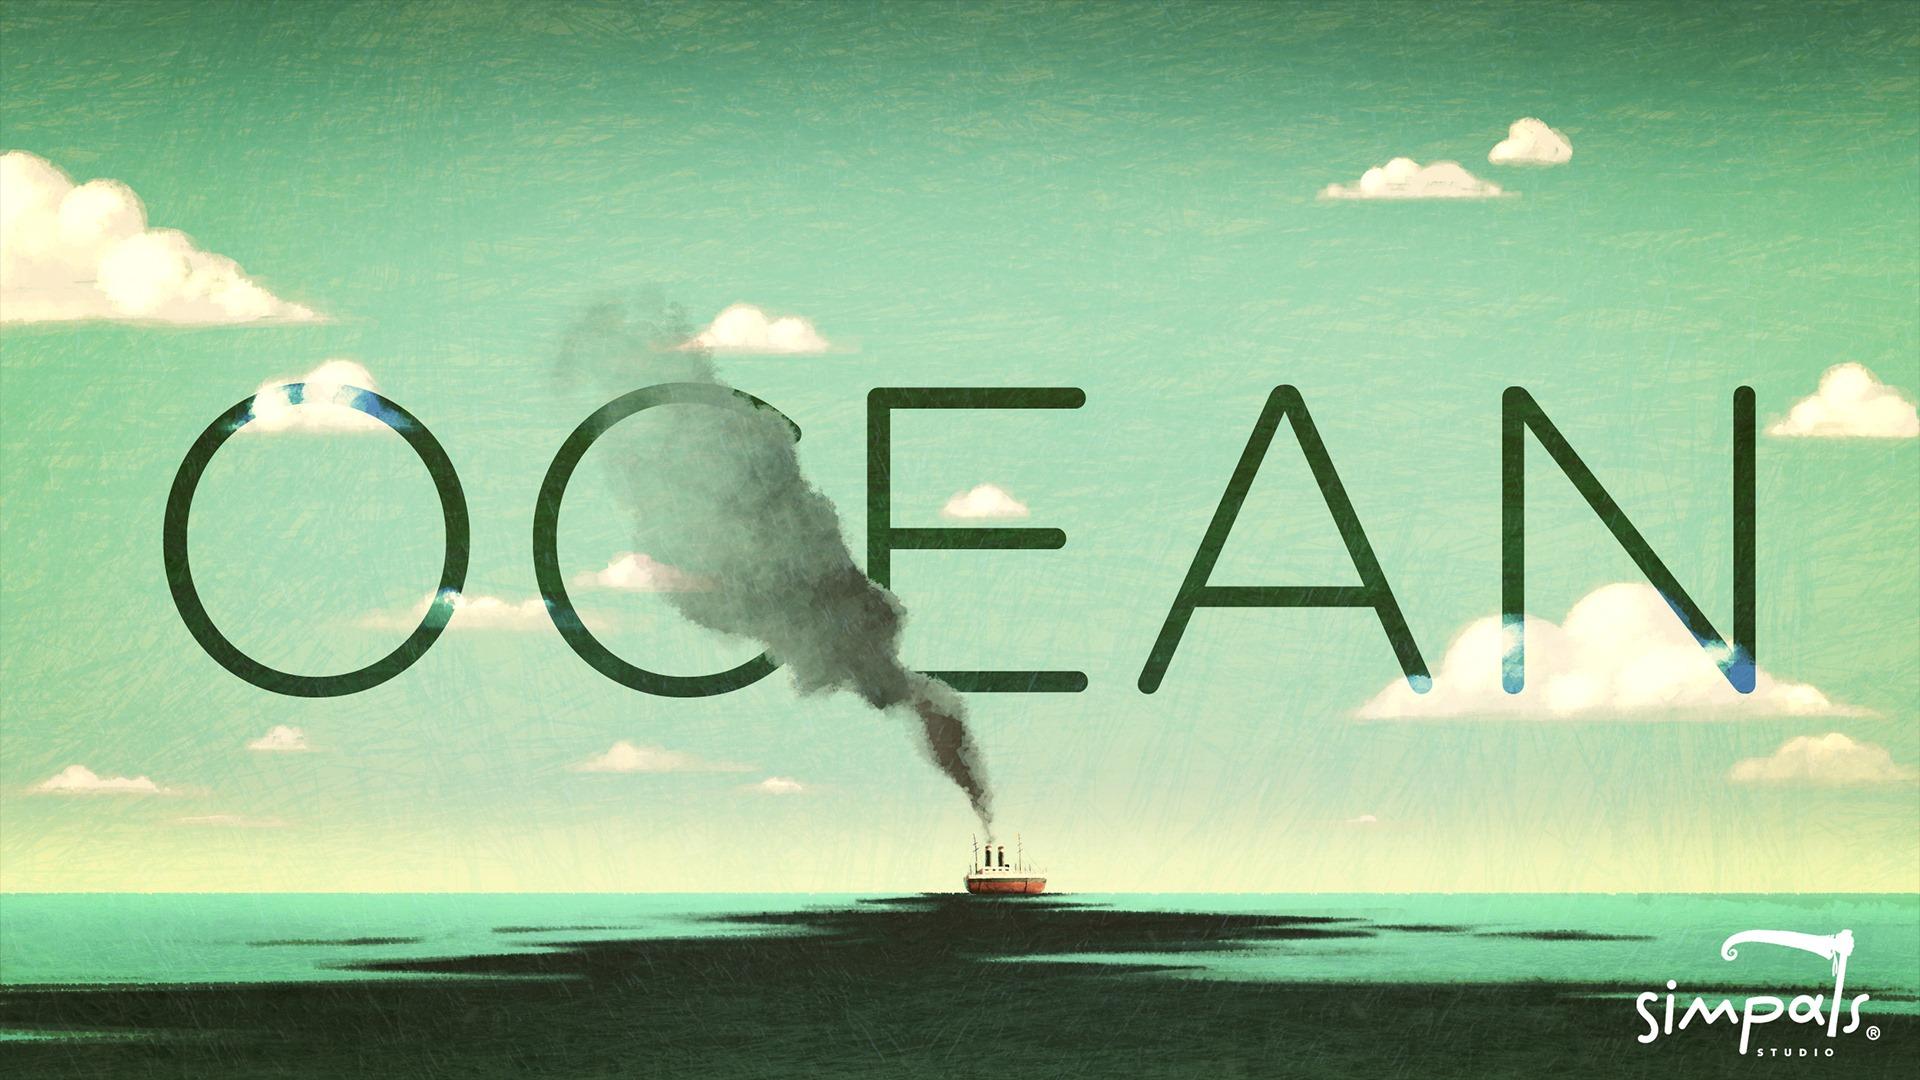 interviu cu lev voloshin din republica moldova, regizorul scurtmetrajelor de animatie the harvest si the ocean (video) Interviu cu Lev Voloshin din Republica Moldova, regizorul scurtmetrajelor de animatie The Harvest si The Ocean (VIDEO) The Ocean 1